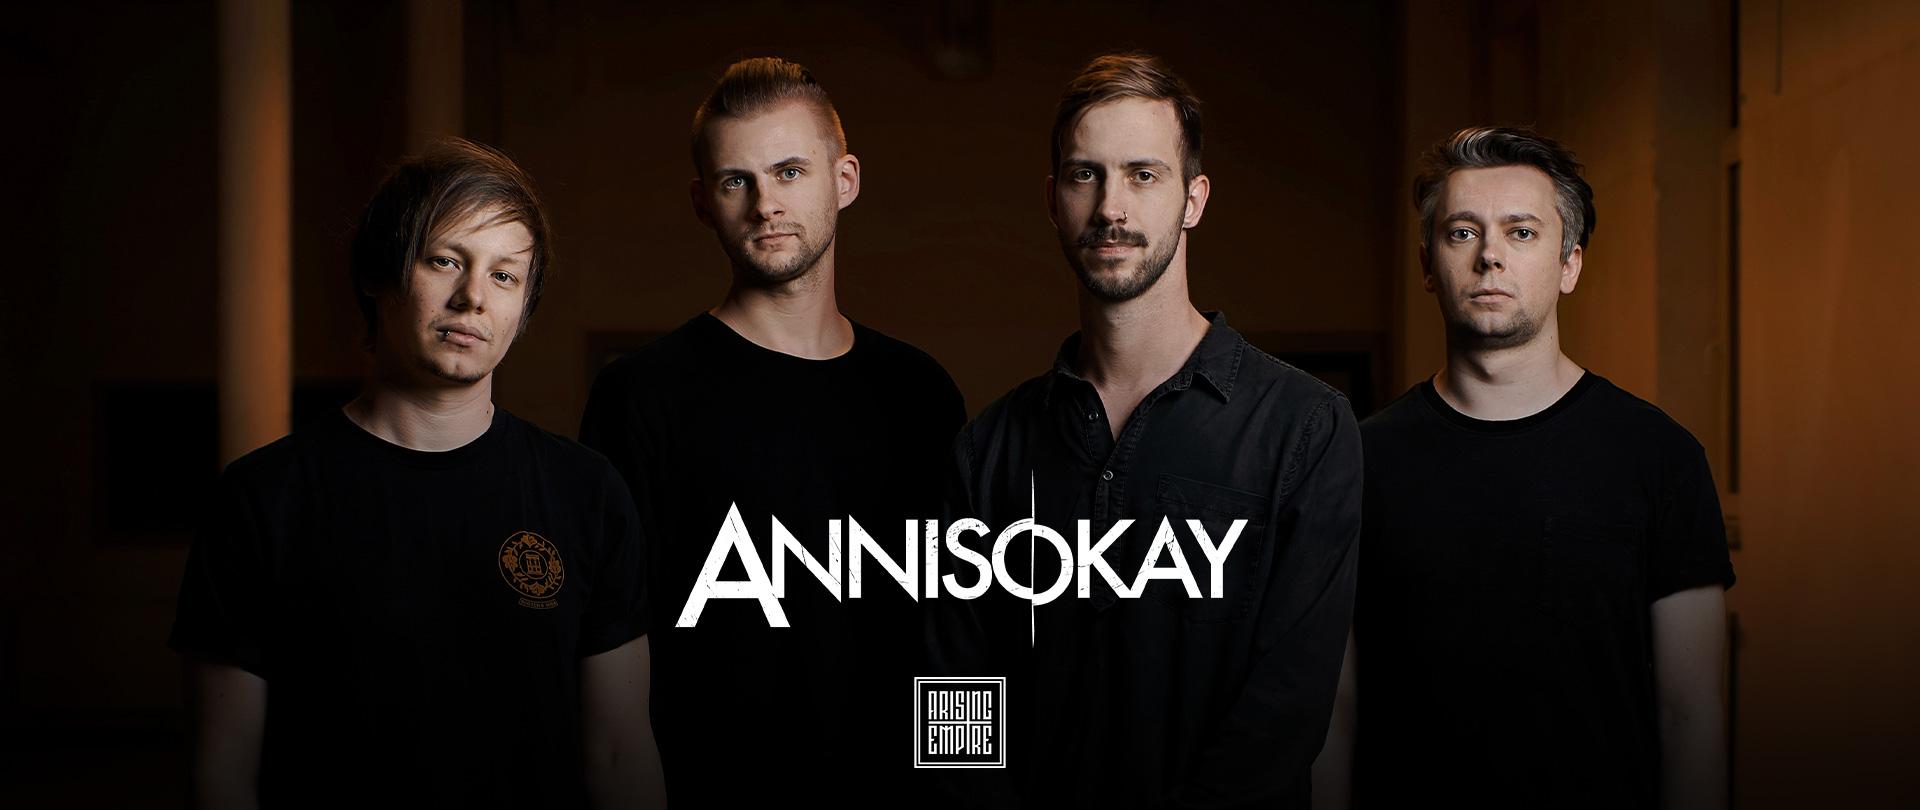 Annisokay at Arising Empire • Offizieller Online Shop